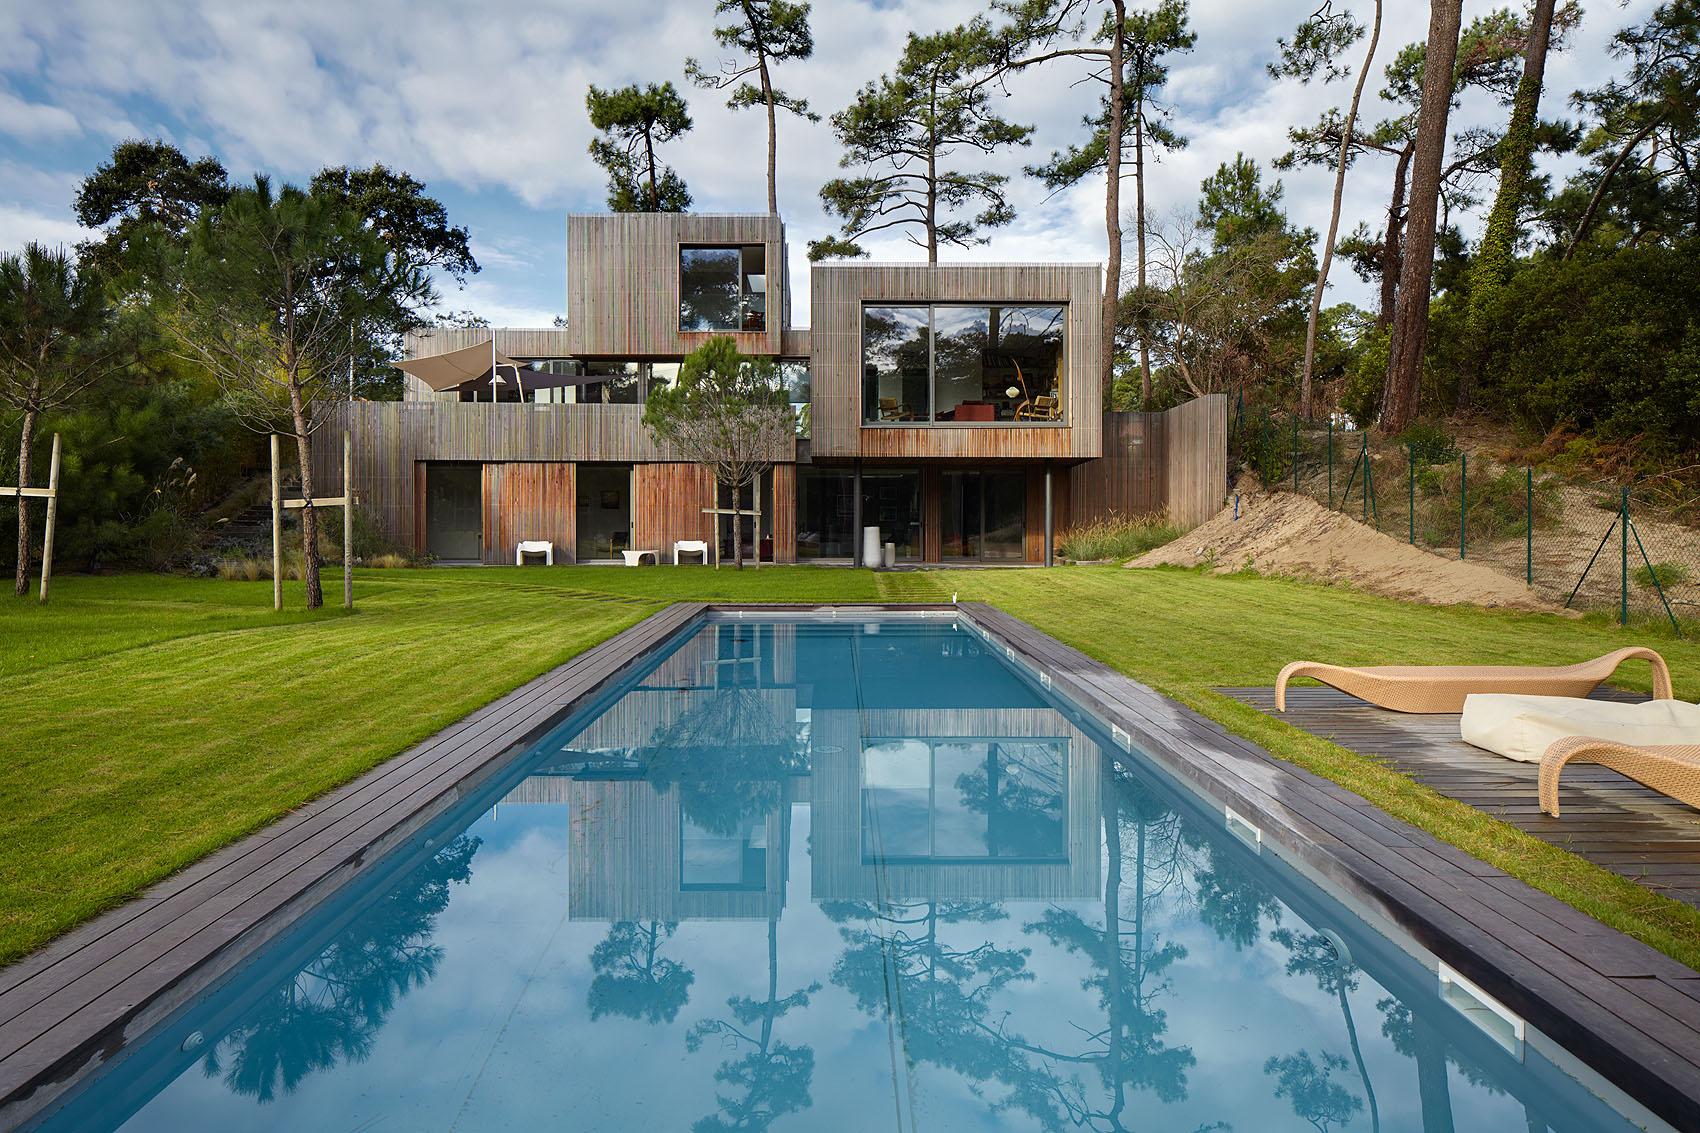 Villa en Chiberta - Iñaki Caperochipi - Fotografía